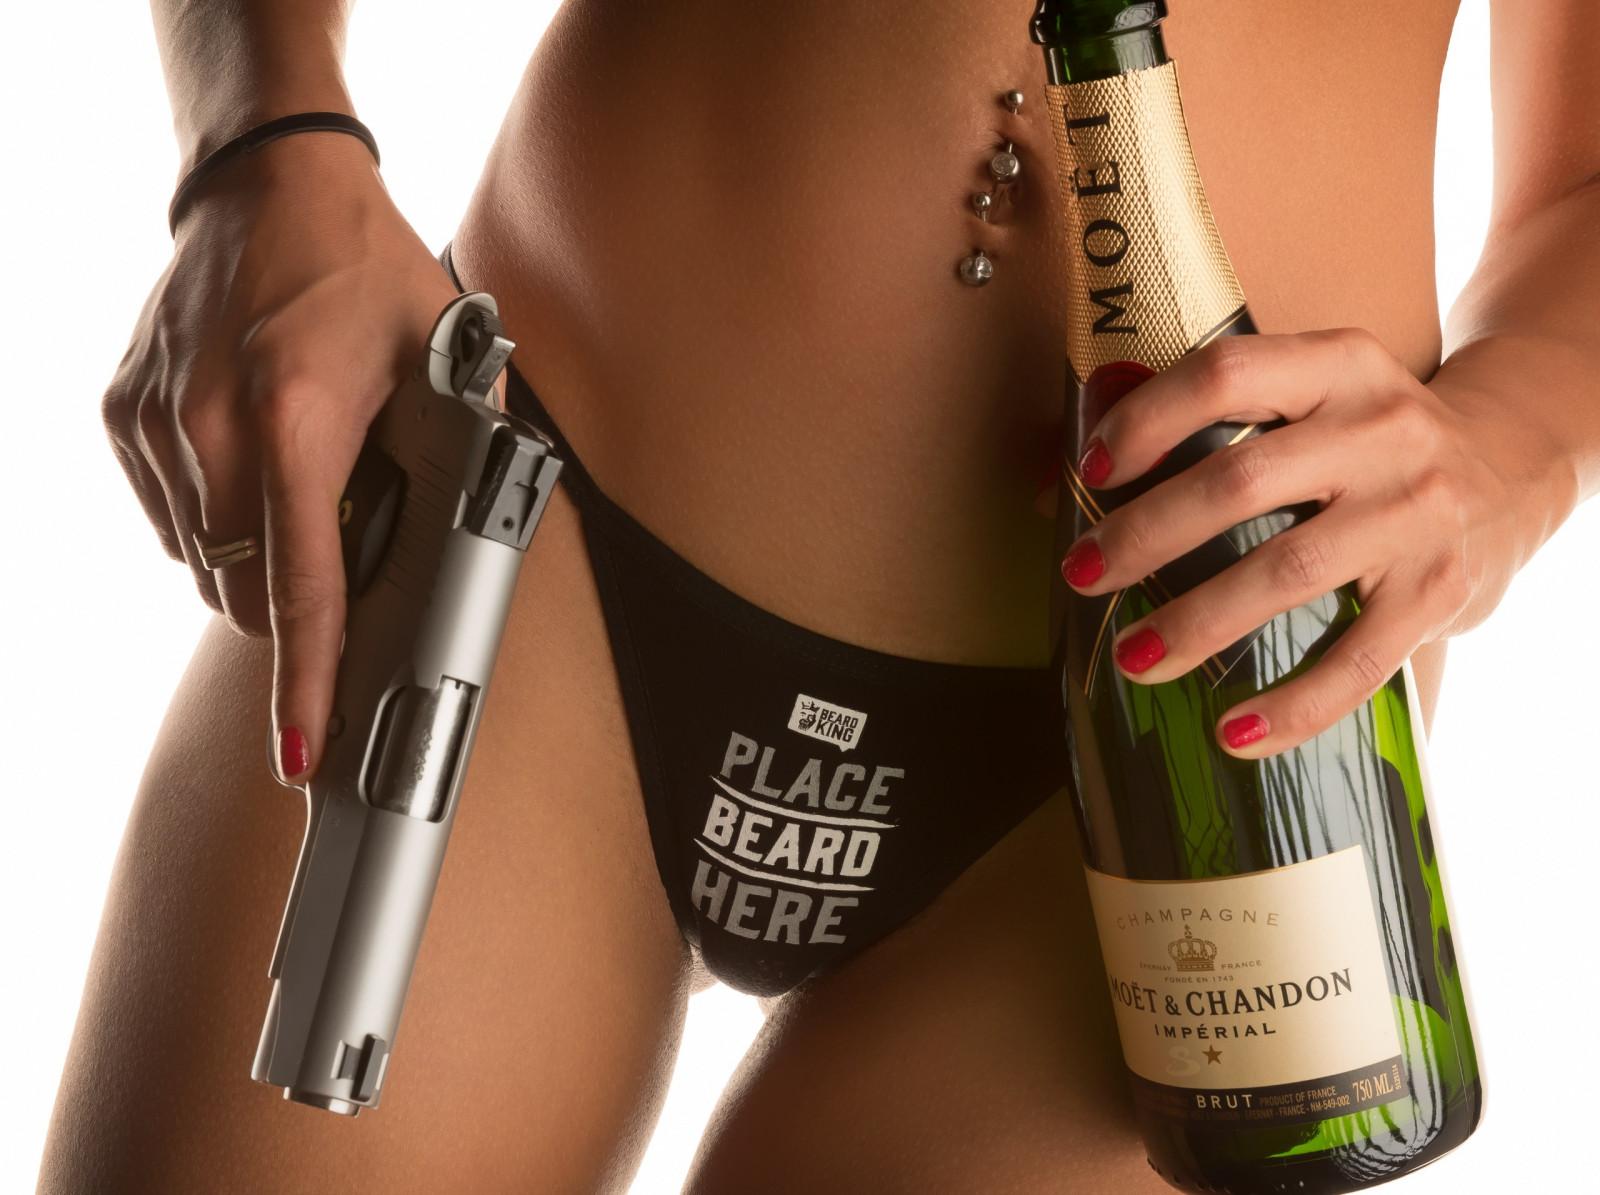 порно девушка и бутылка видео боритесь право